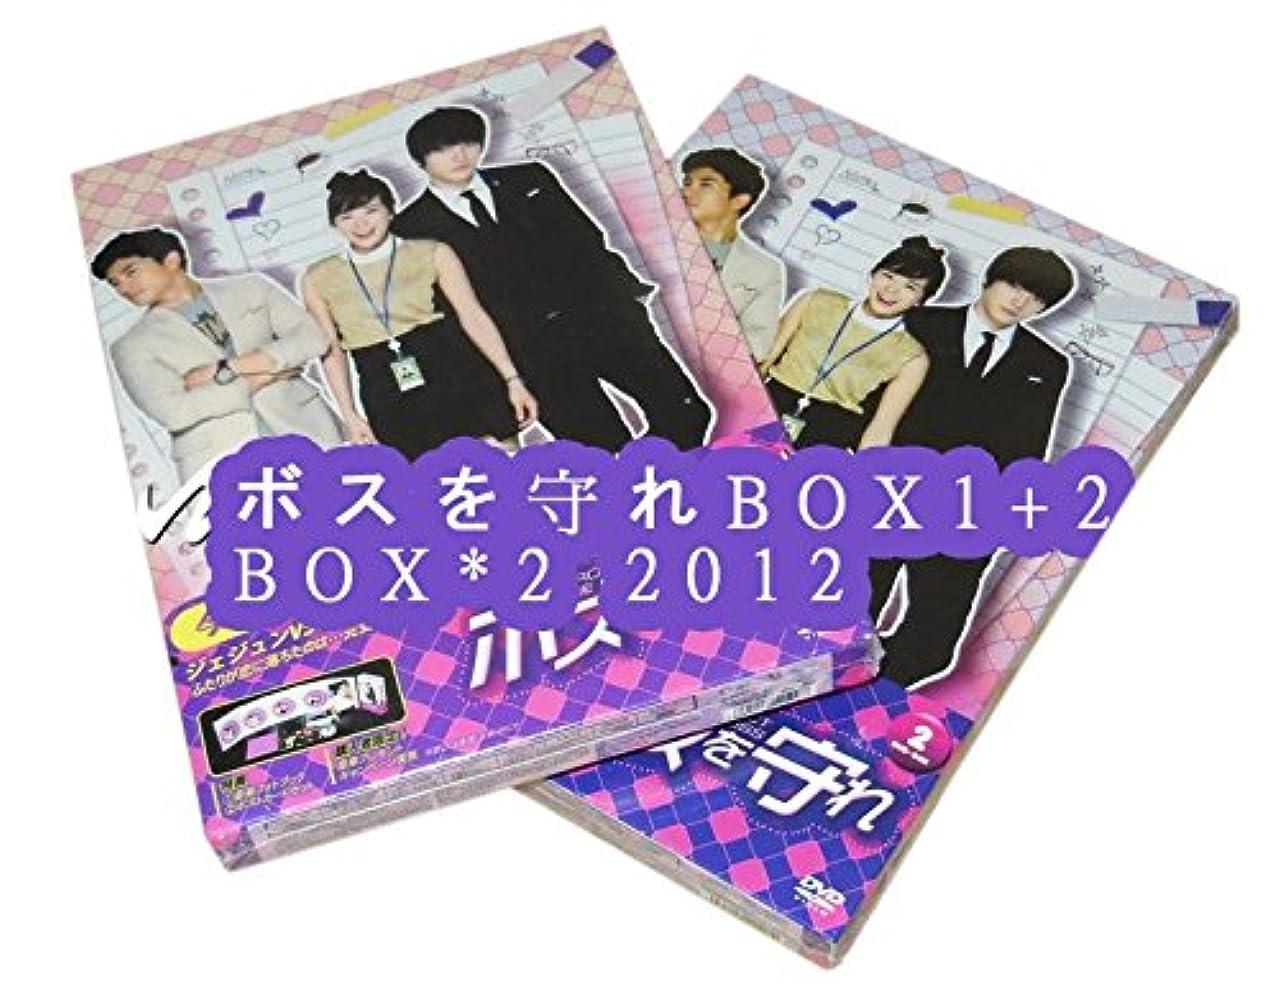 研磨剤唯物論近傍ボスを守れ BOX1+2 BOX*2 2012